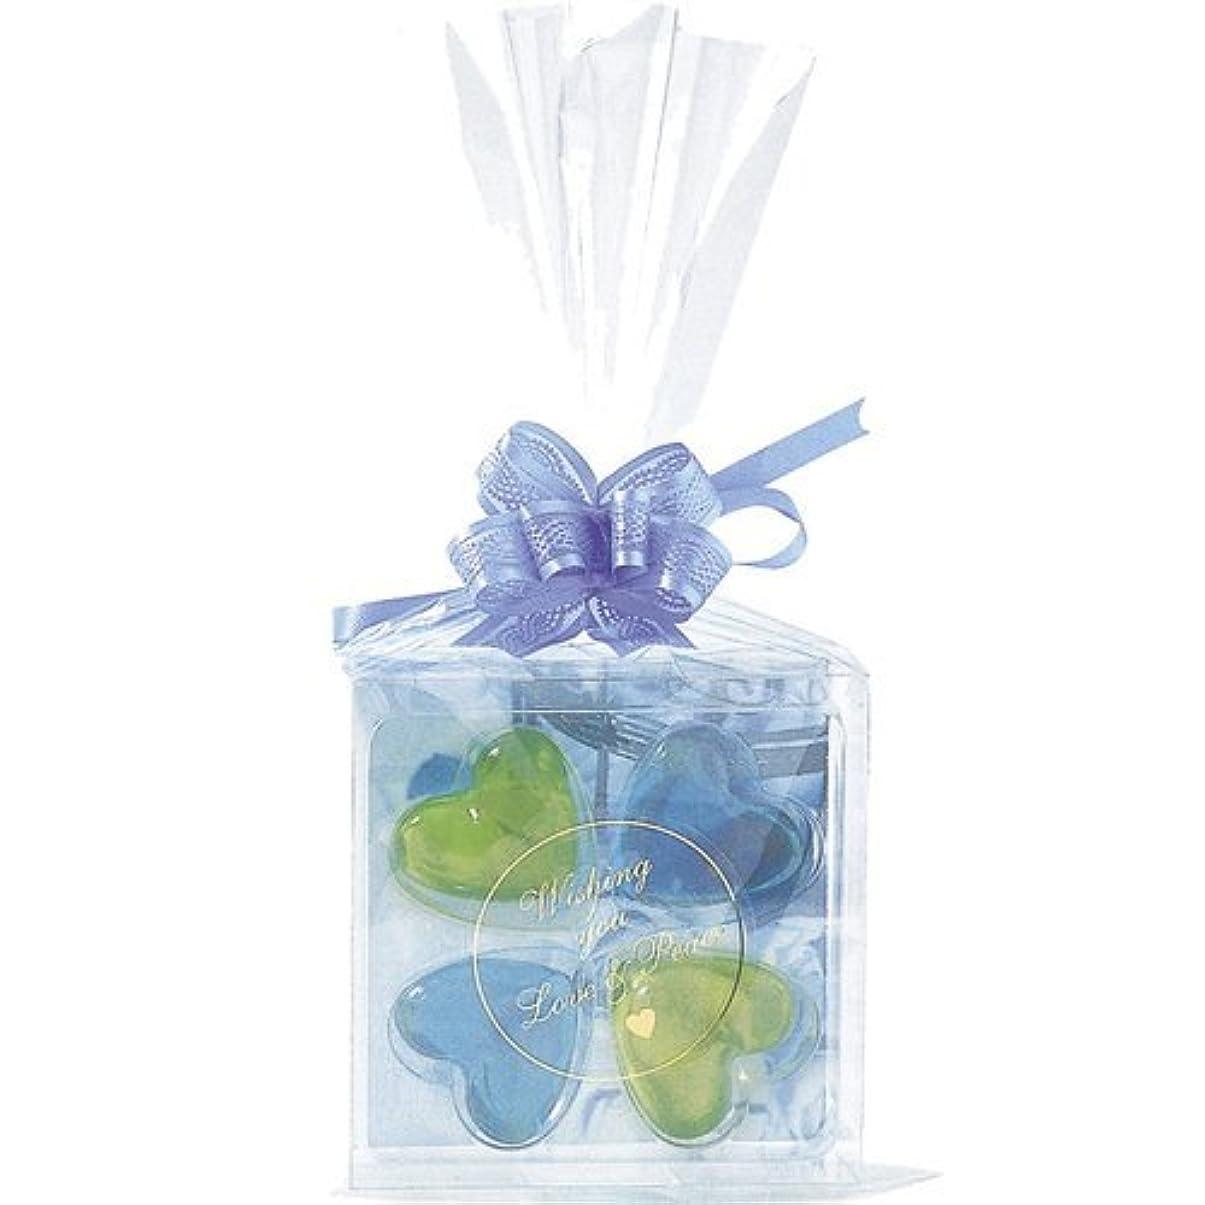 浴室切断するグレードジーピークリエイツ フォーチューンクローバー ブルー 入浴料セット(グリーンアップル、ベリー)